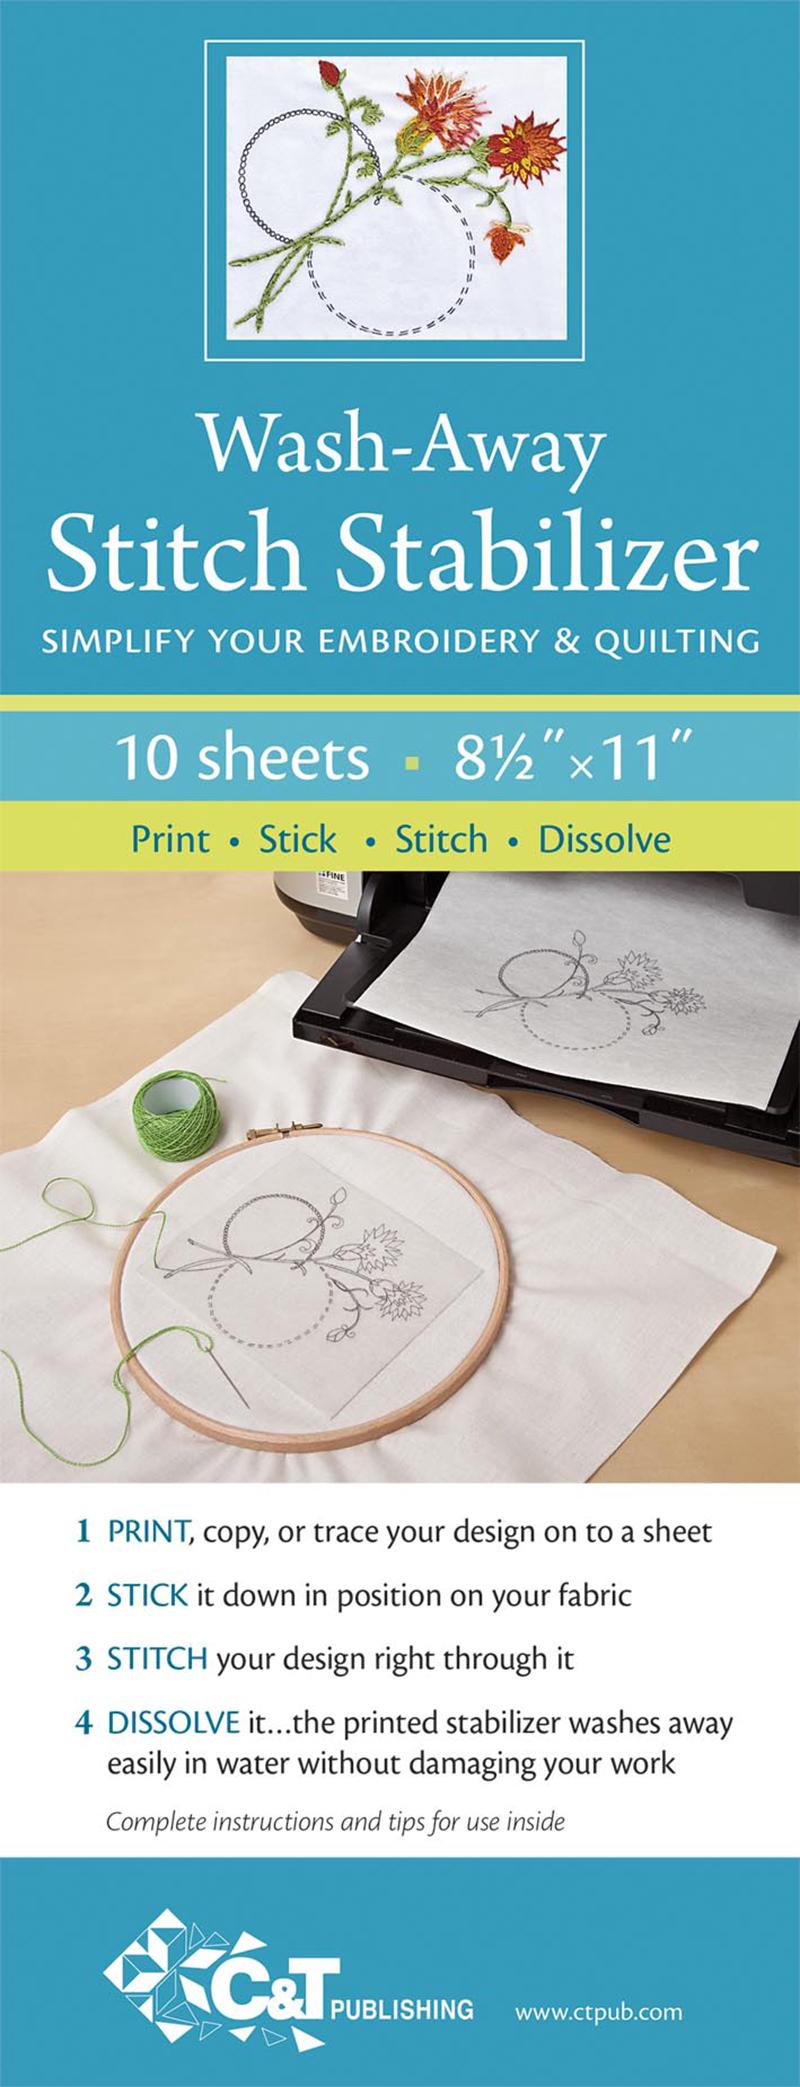 Wash-Away Stitch Stabilizer